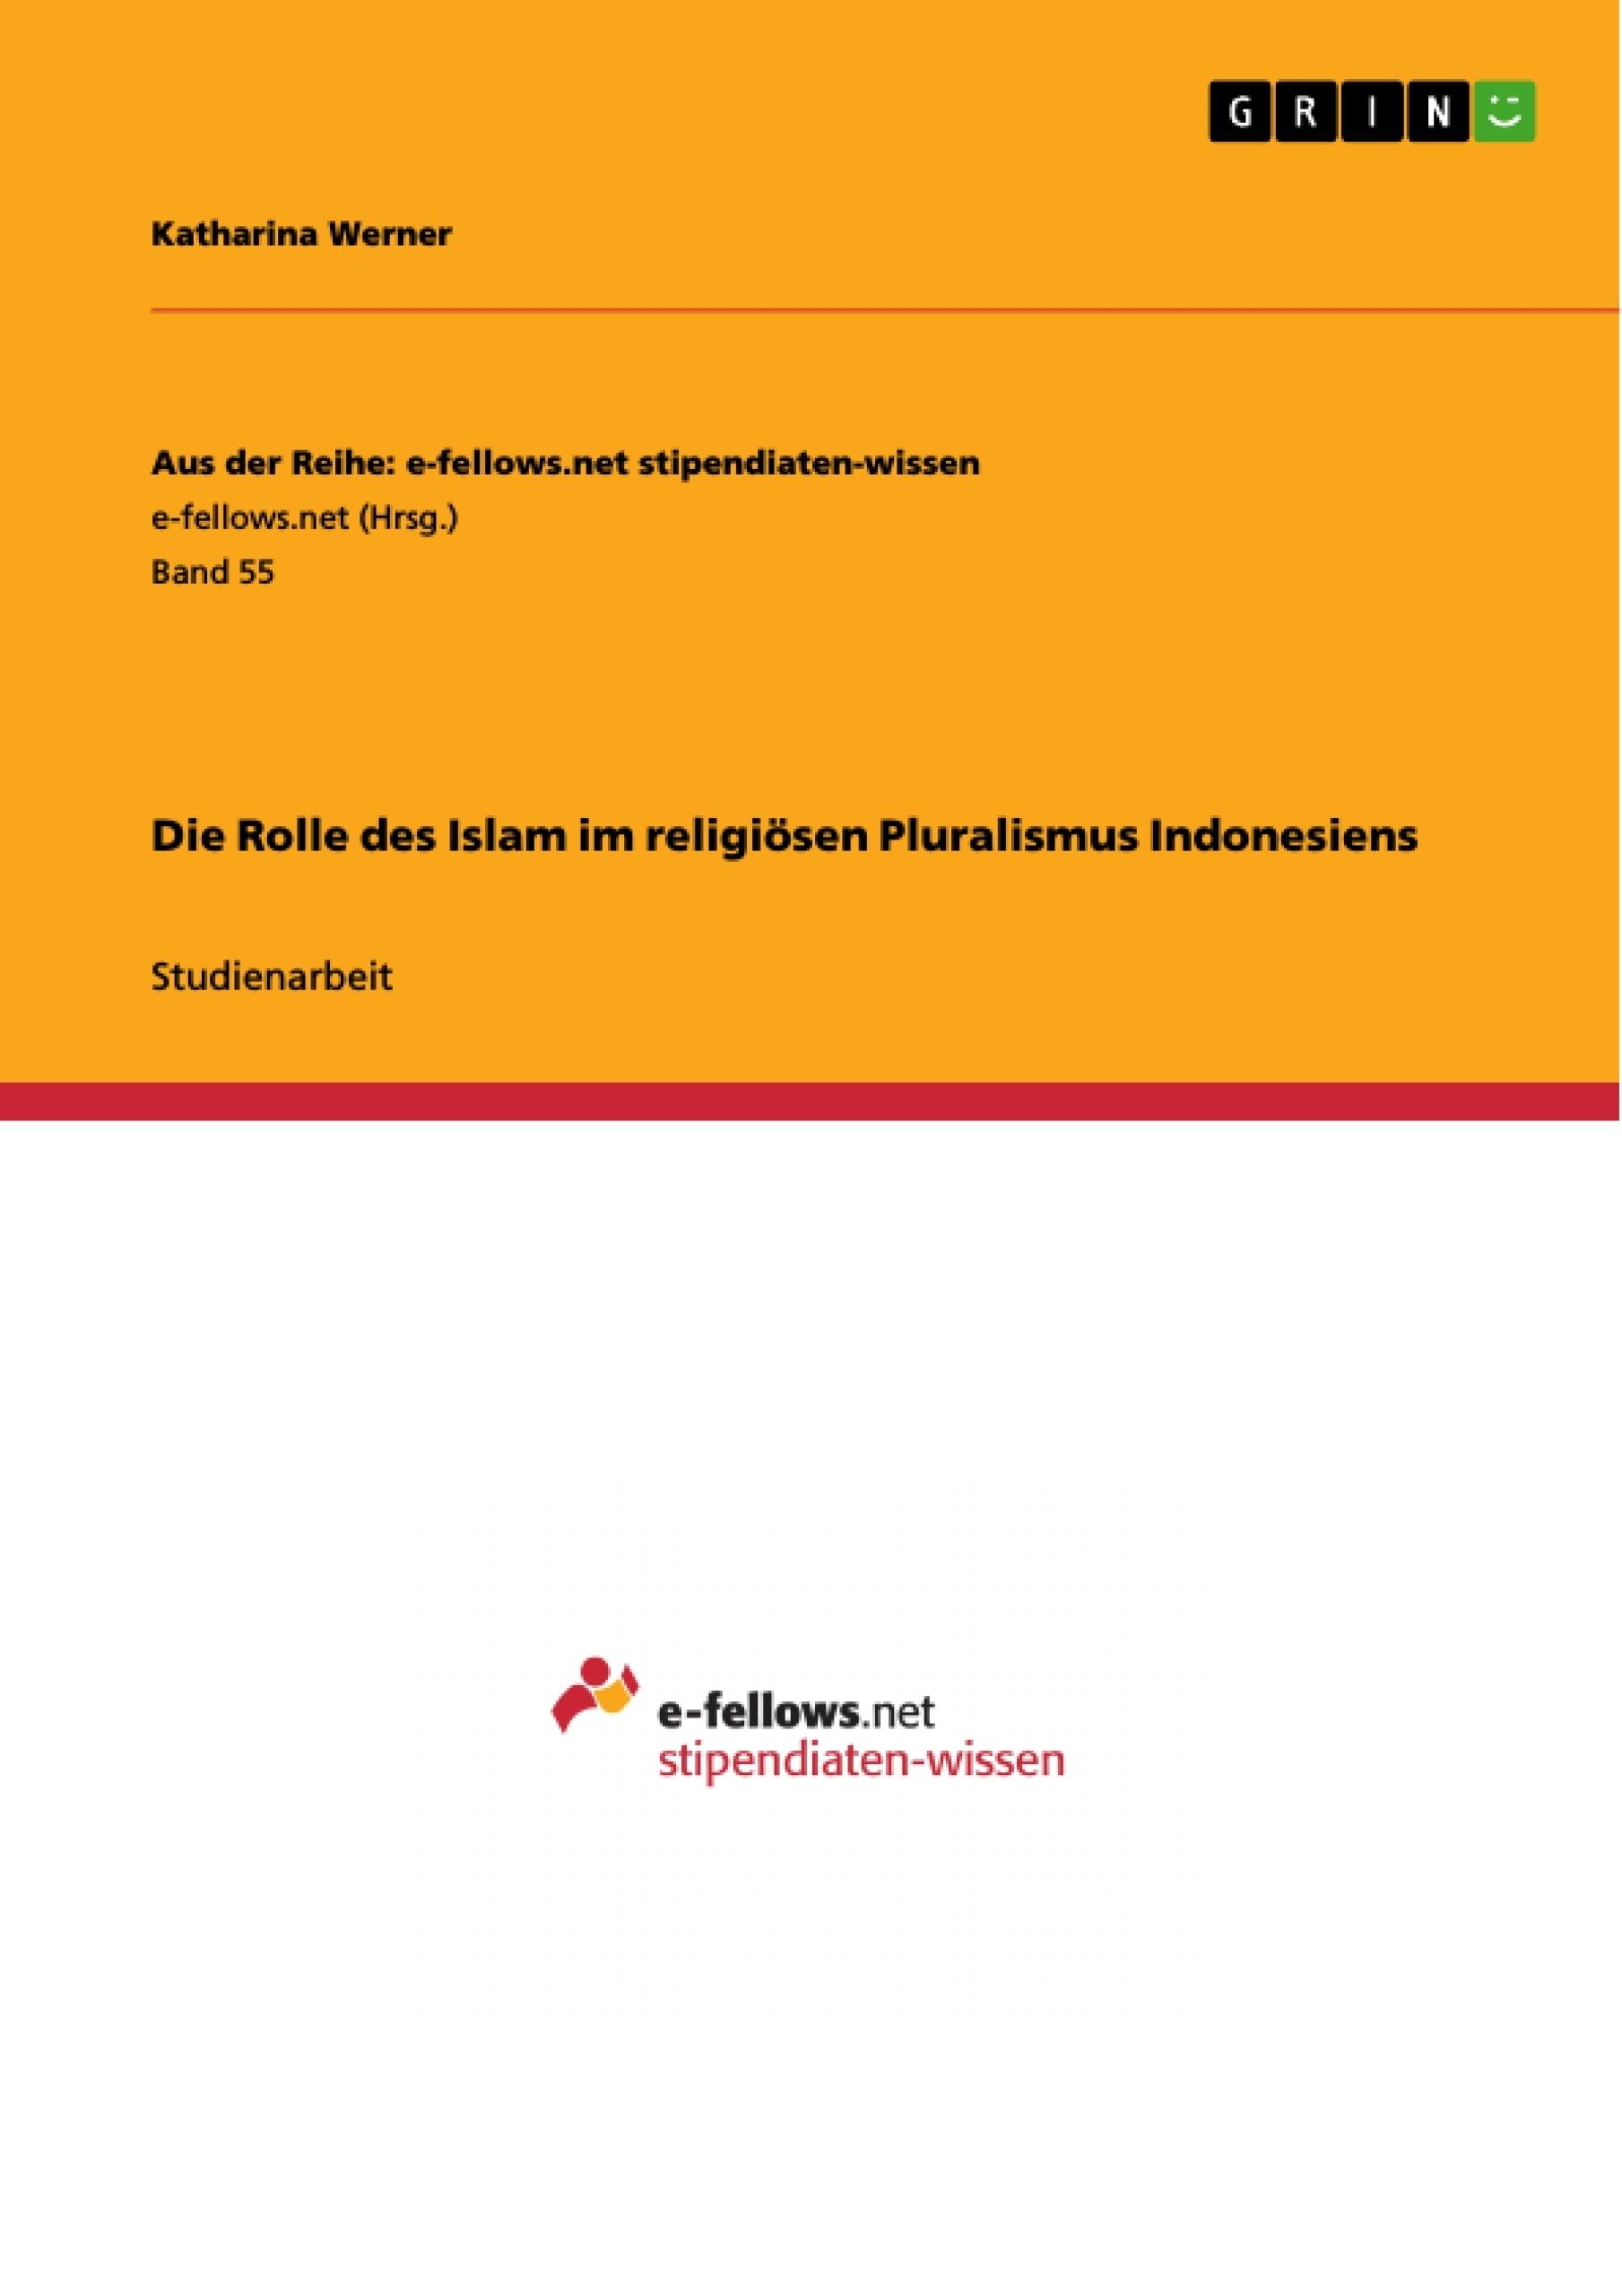 Titel: Die Rolle des Islam im religiösen Pluralismus Indonesiens